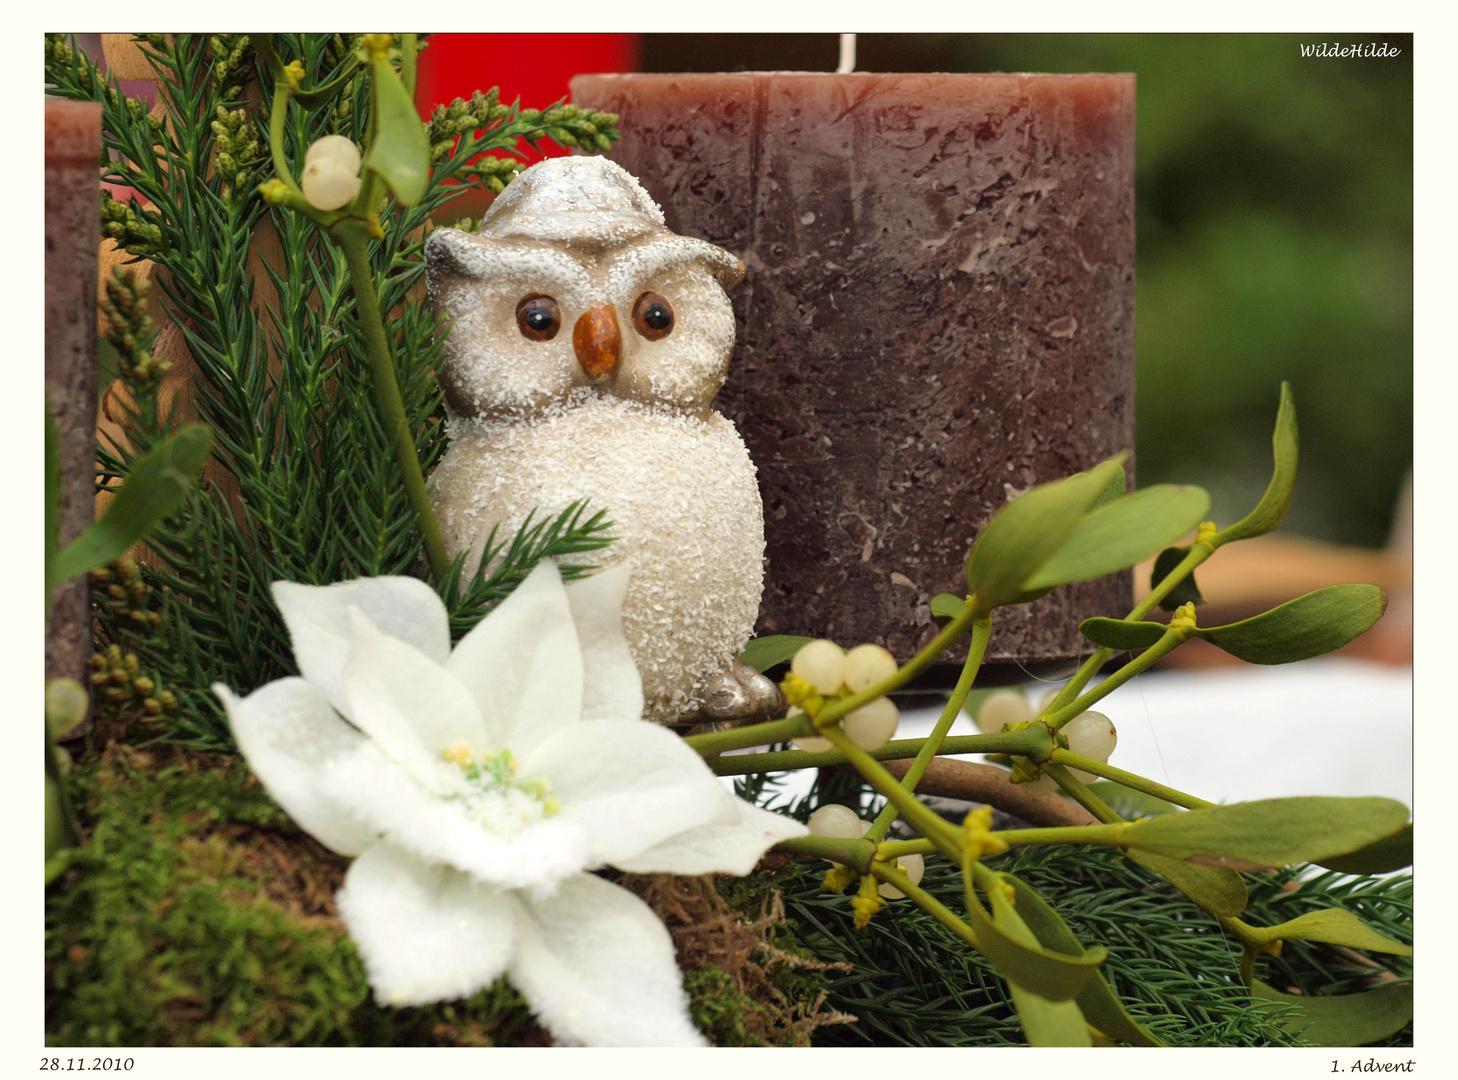 adventskranz foto bild gratulation und feiertage weihnachten christmas advent weihnachten. Black Bedroom Furniture Sets. Home Design Ideas